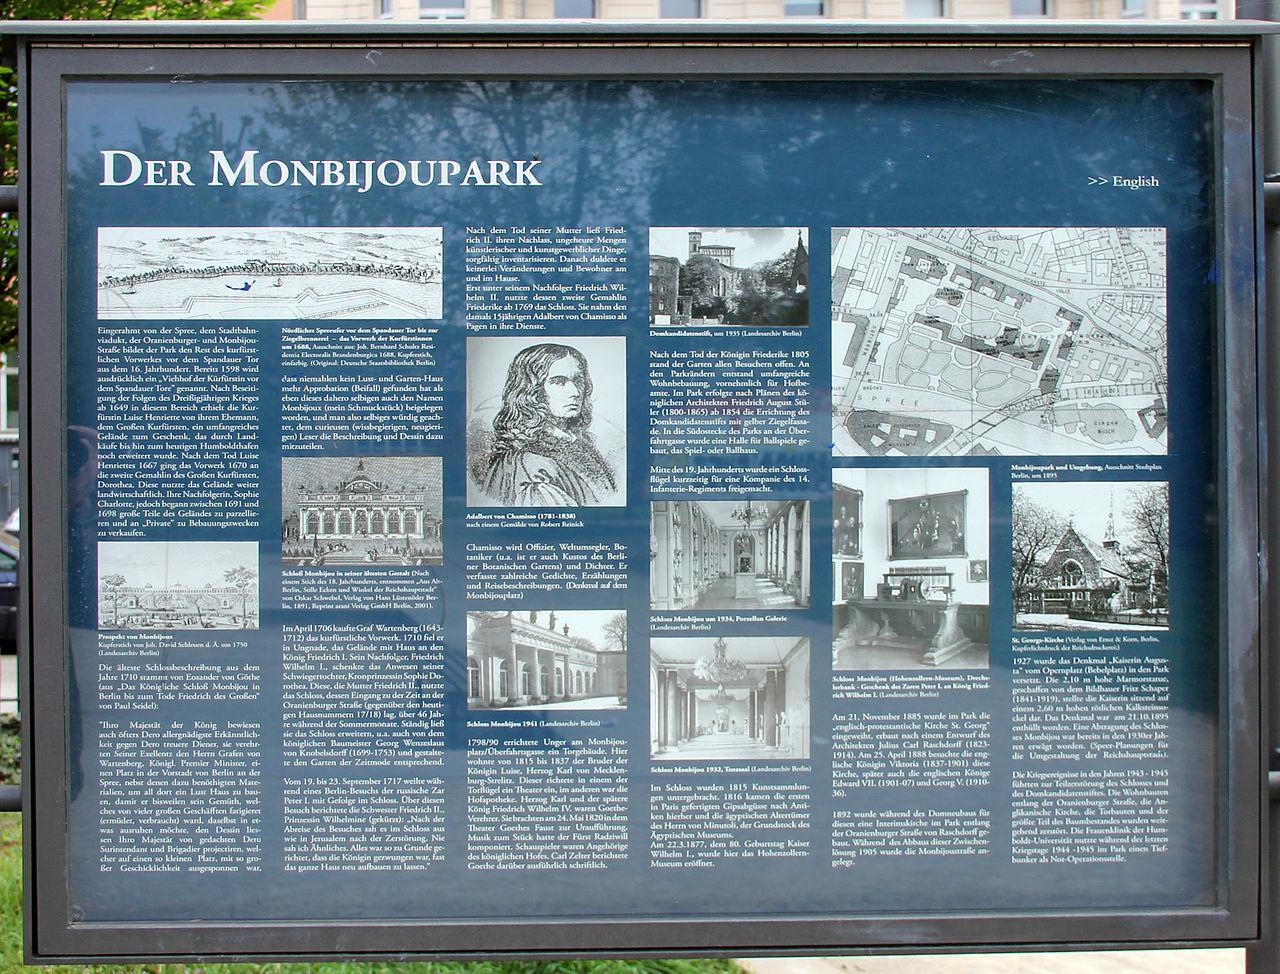 Filegedenktafel Monbijouplatz Mitte Monbijouparkjpg